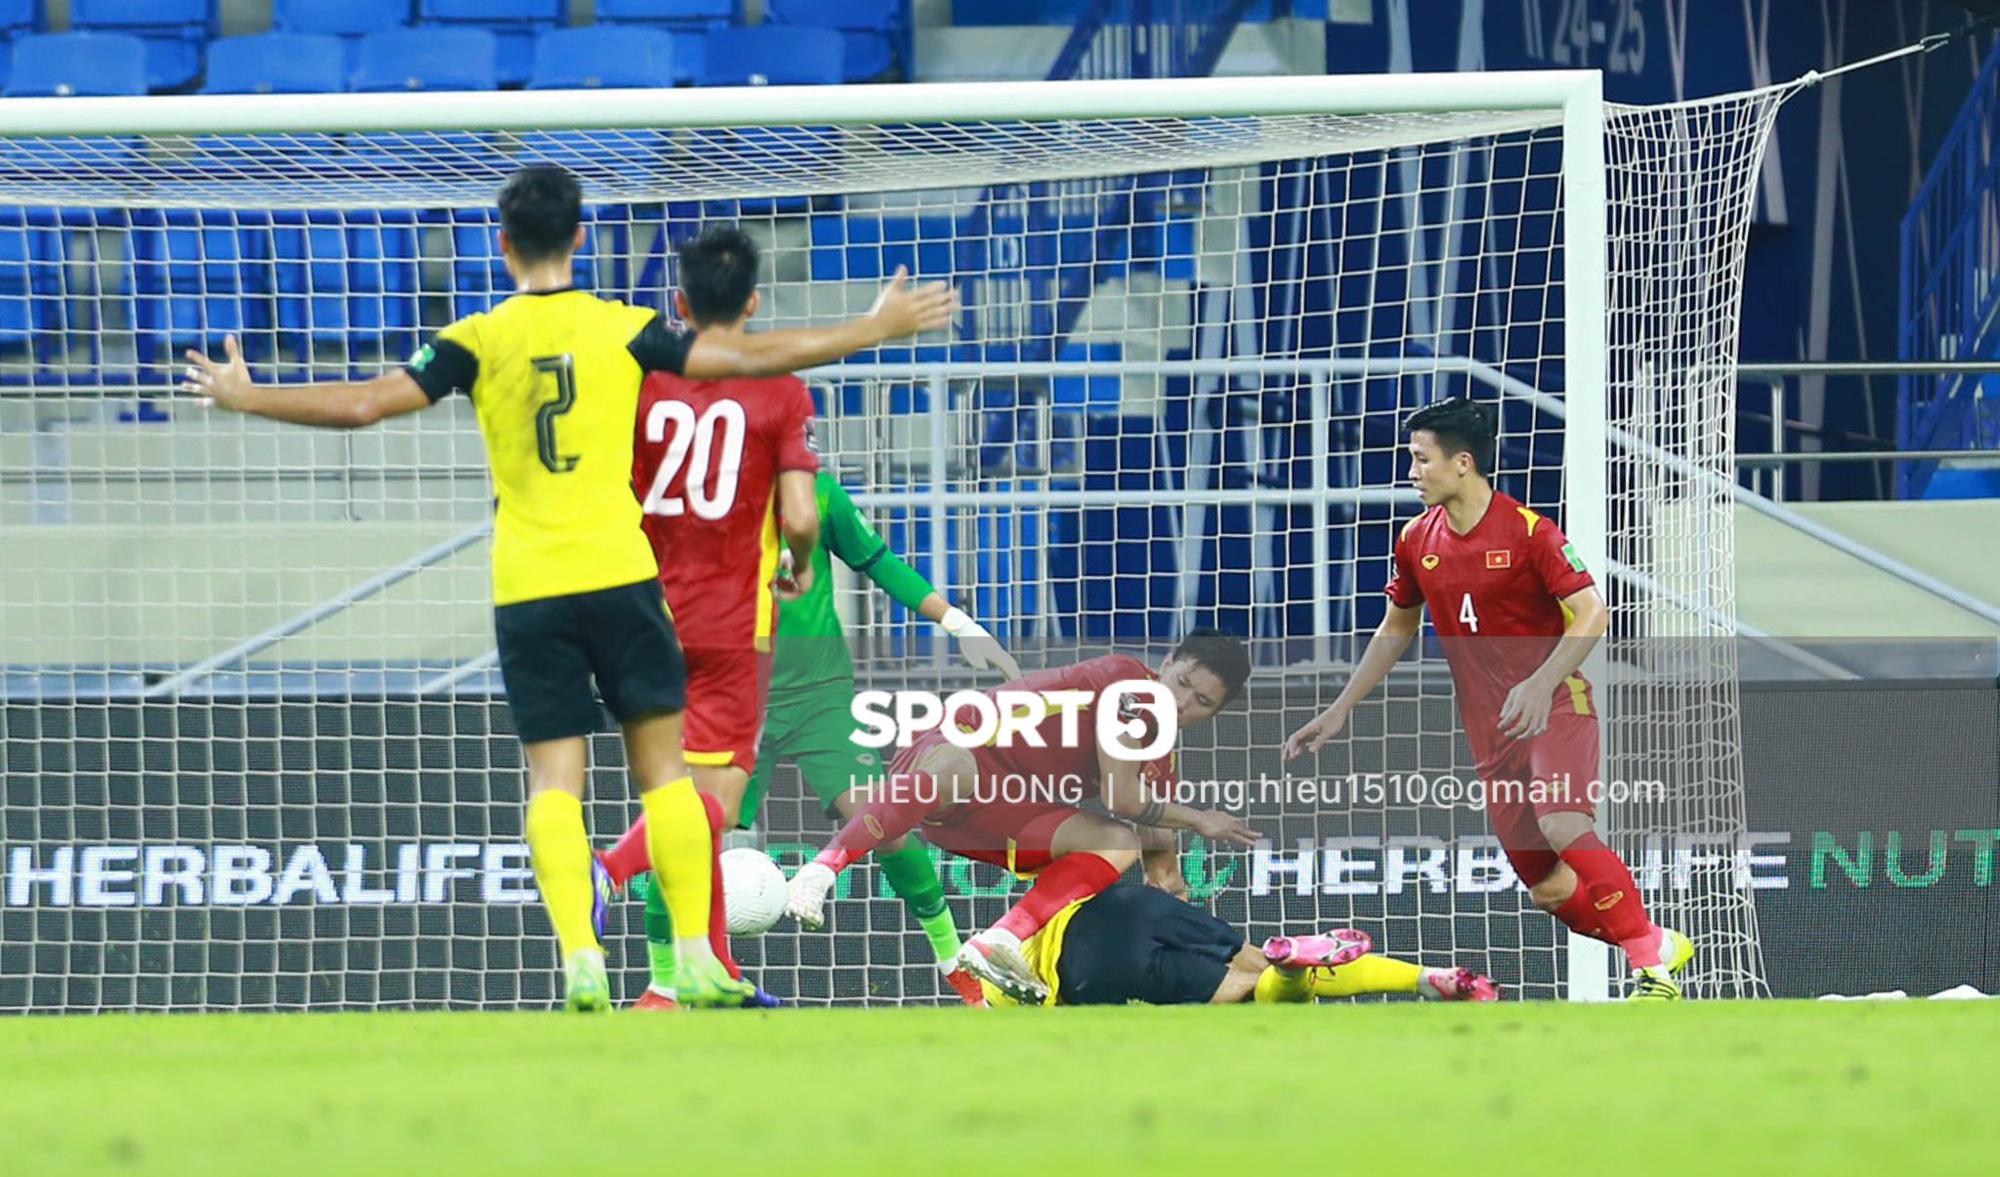 Tình huống Văn Hậu phạm lỗi khiến tuyển Việt Nam nhận bàn thua trước Malaysia - Ảnh 7.